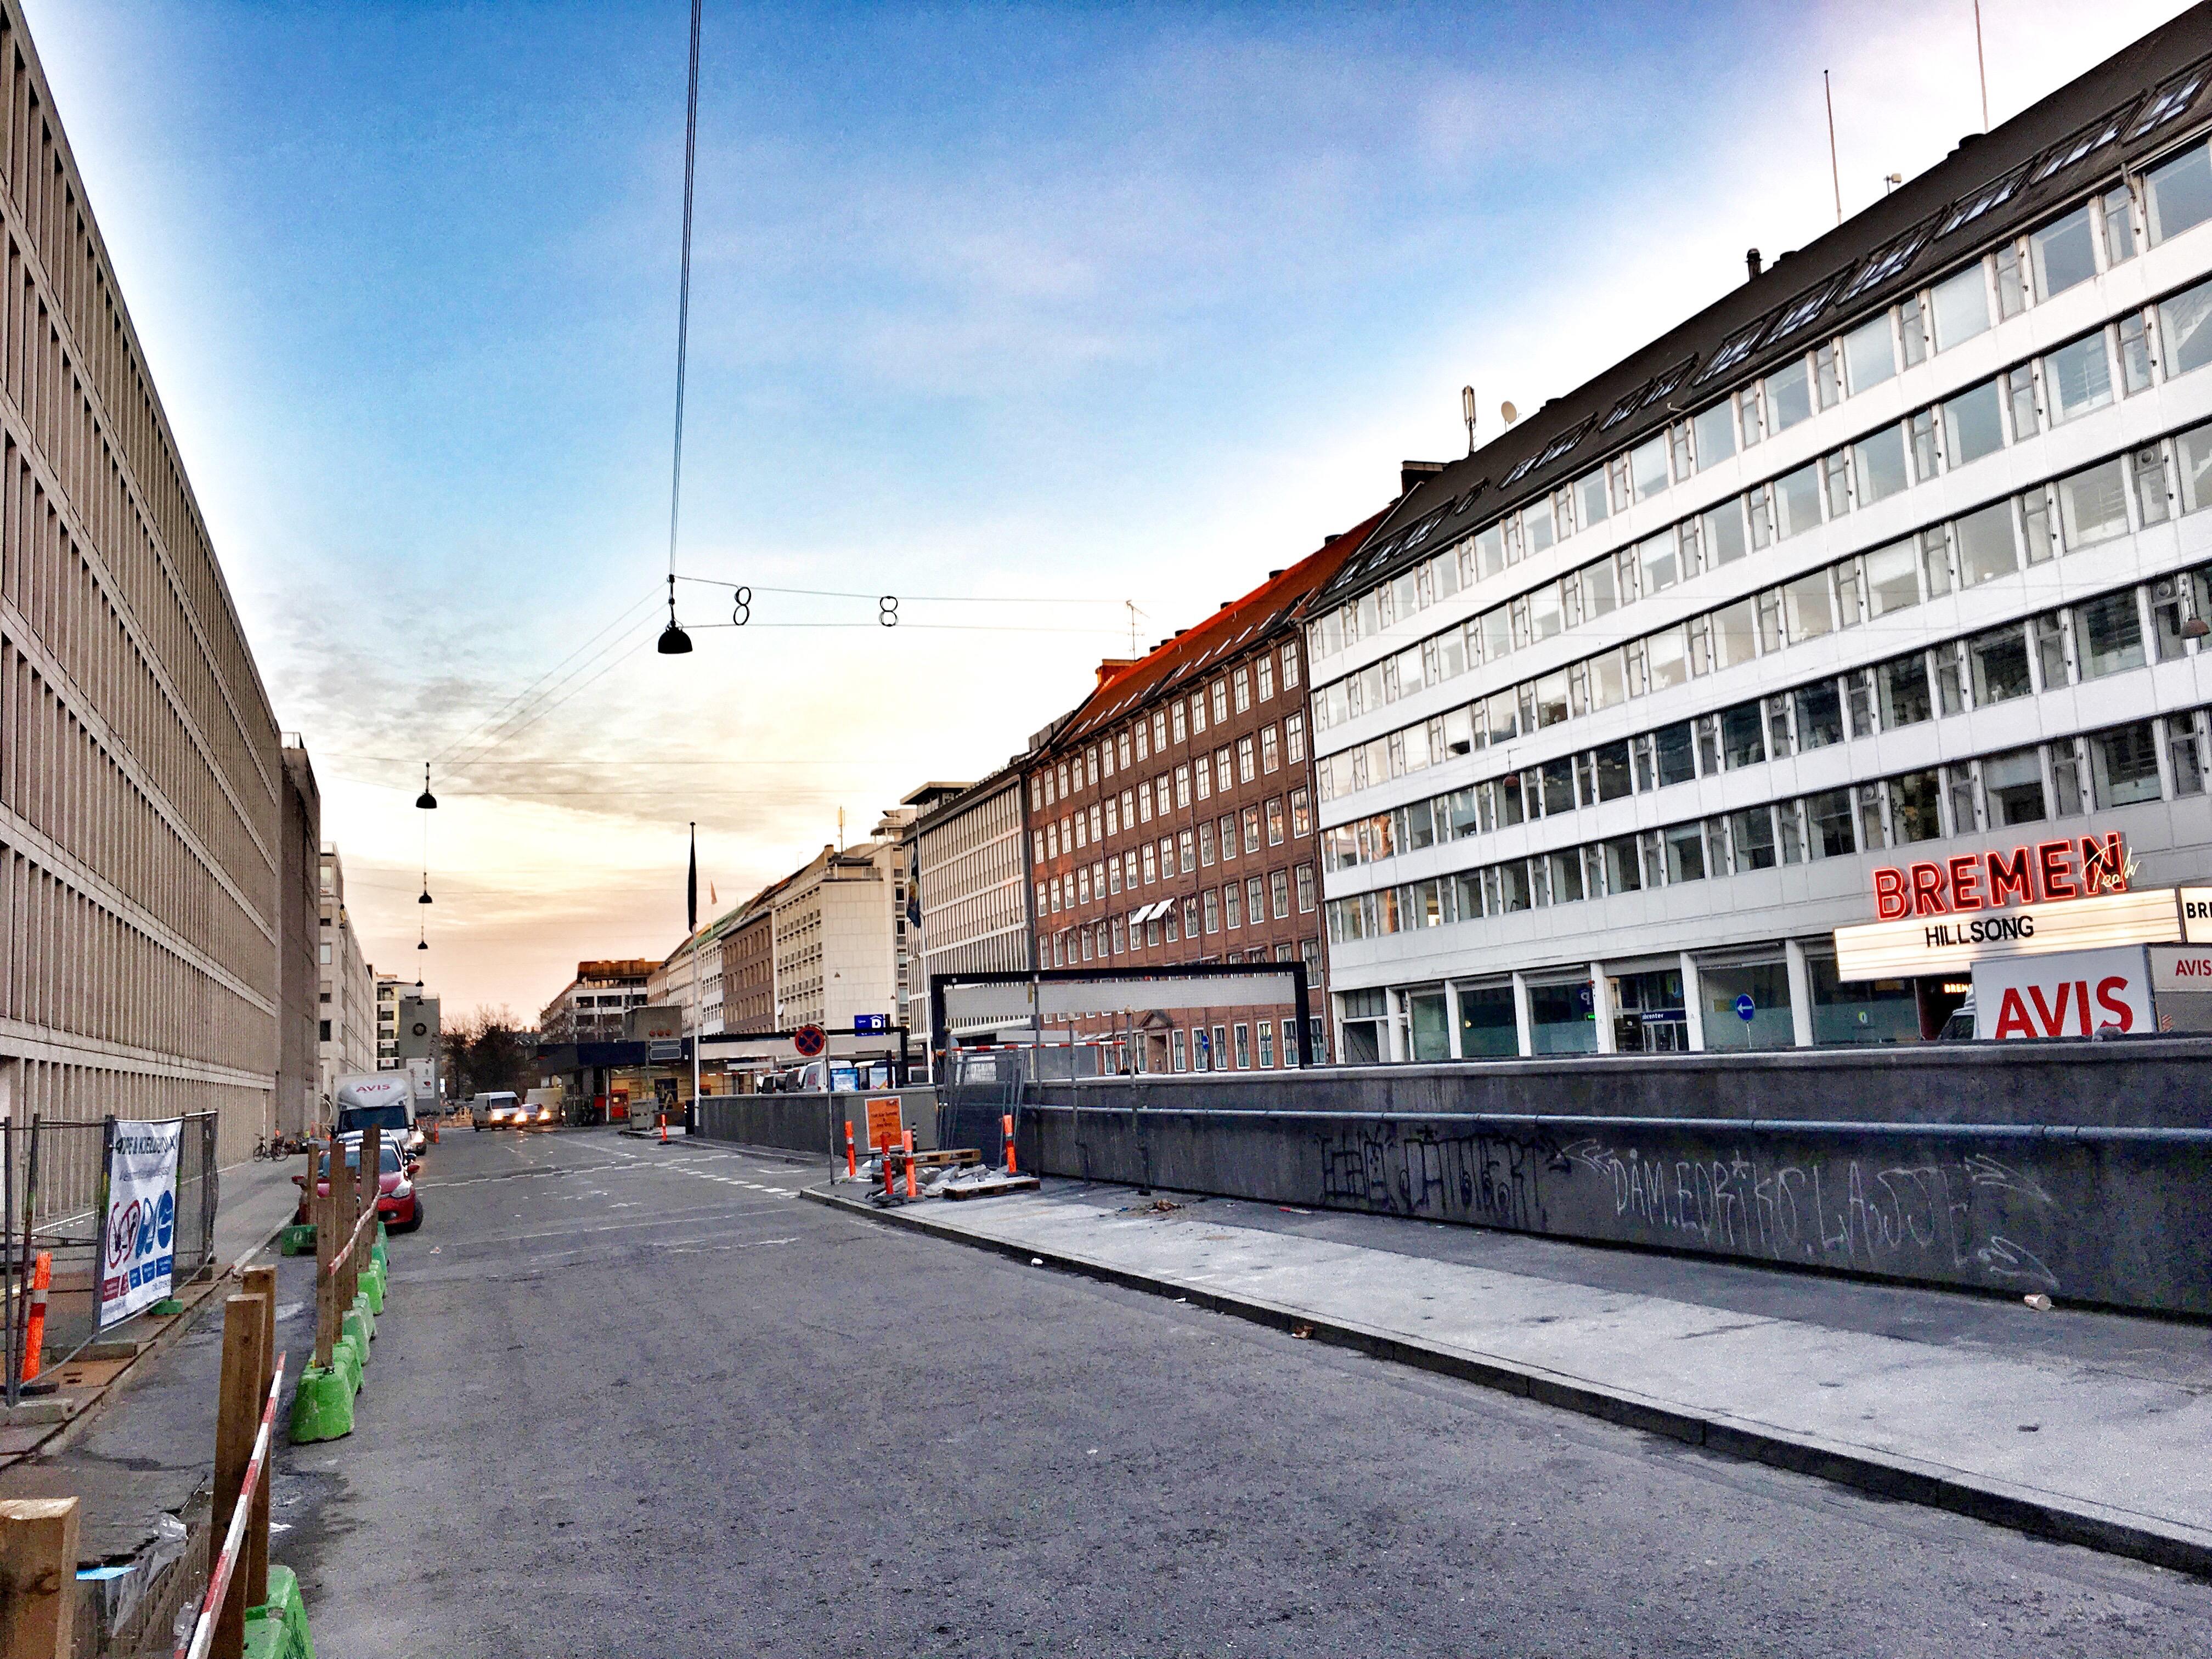 avis københavn city